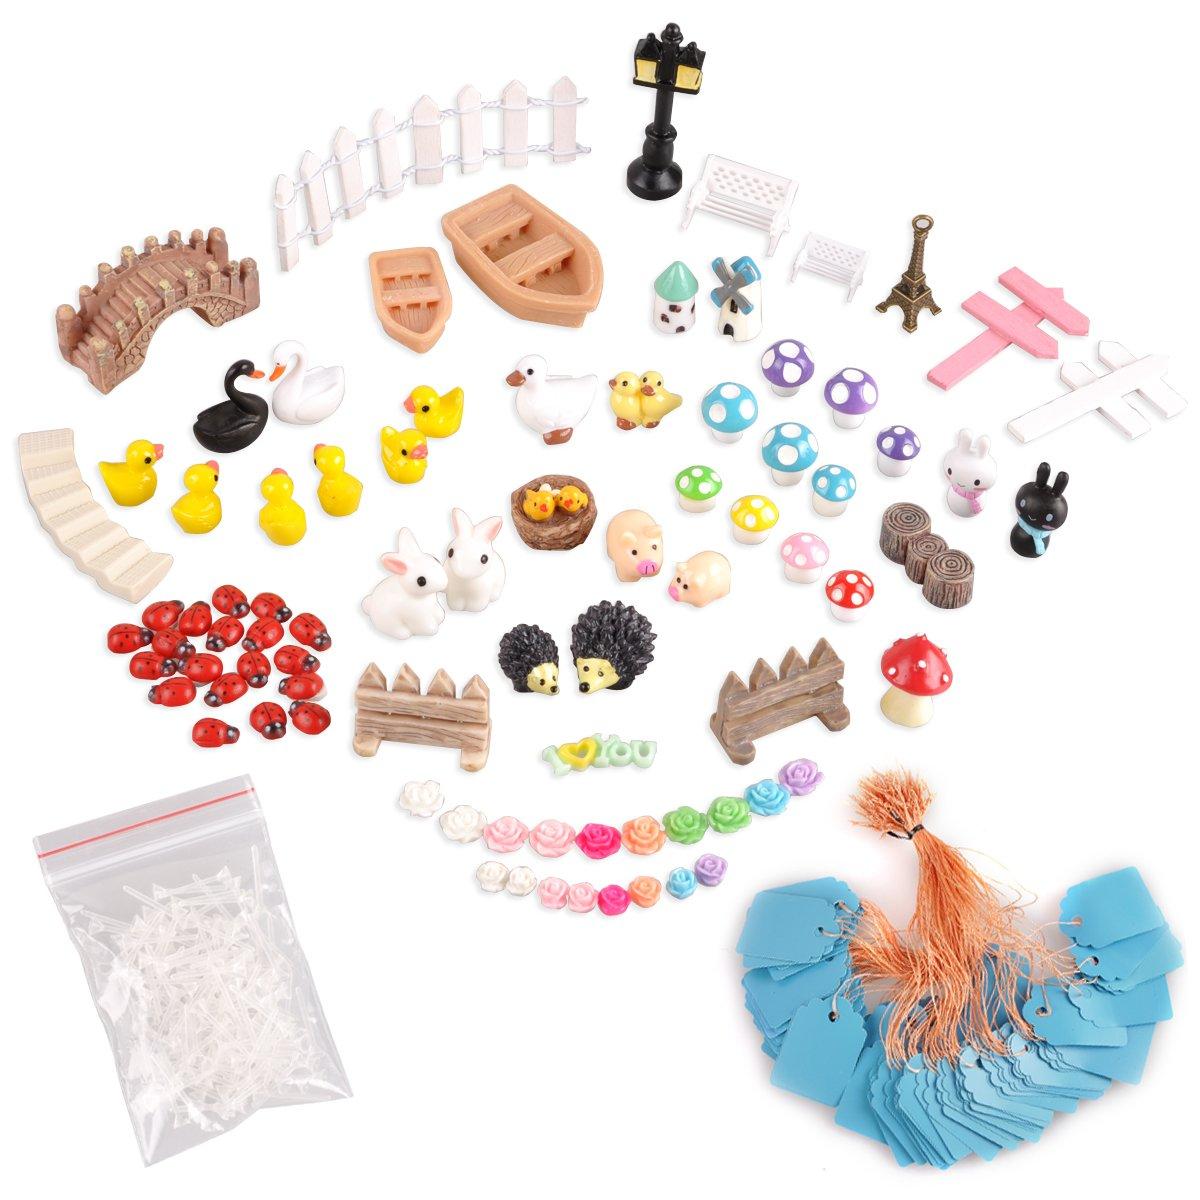 eZAKKA 86 Pieces Miniature Fairy Garden Ornaments Dollhouse Succulent Plant Landscape Pot Figurine DIY Accessories Kit Decor Set with Tweezers for DIY Dollhouse Decor Home Outdoor Plant Decoration